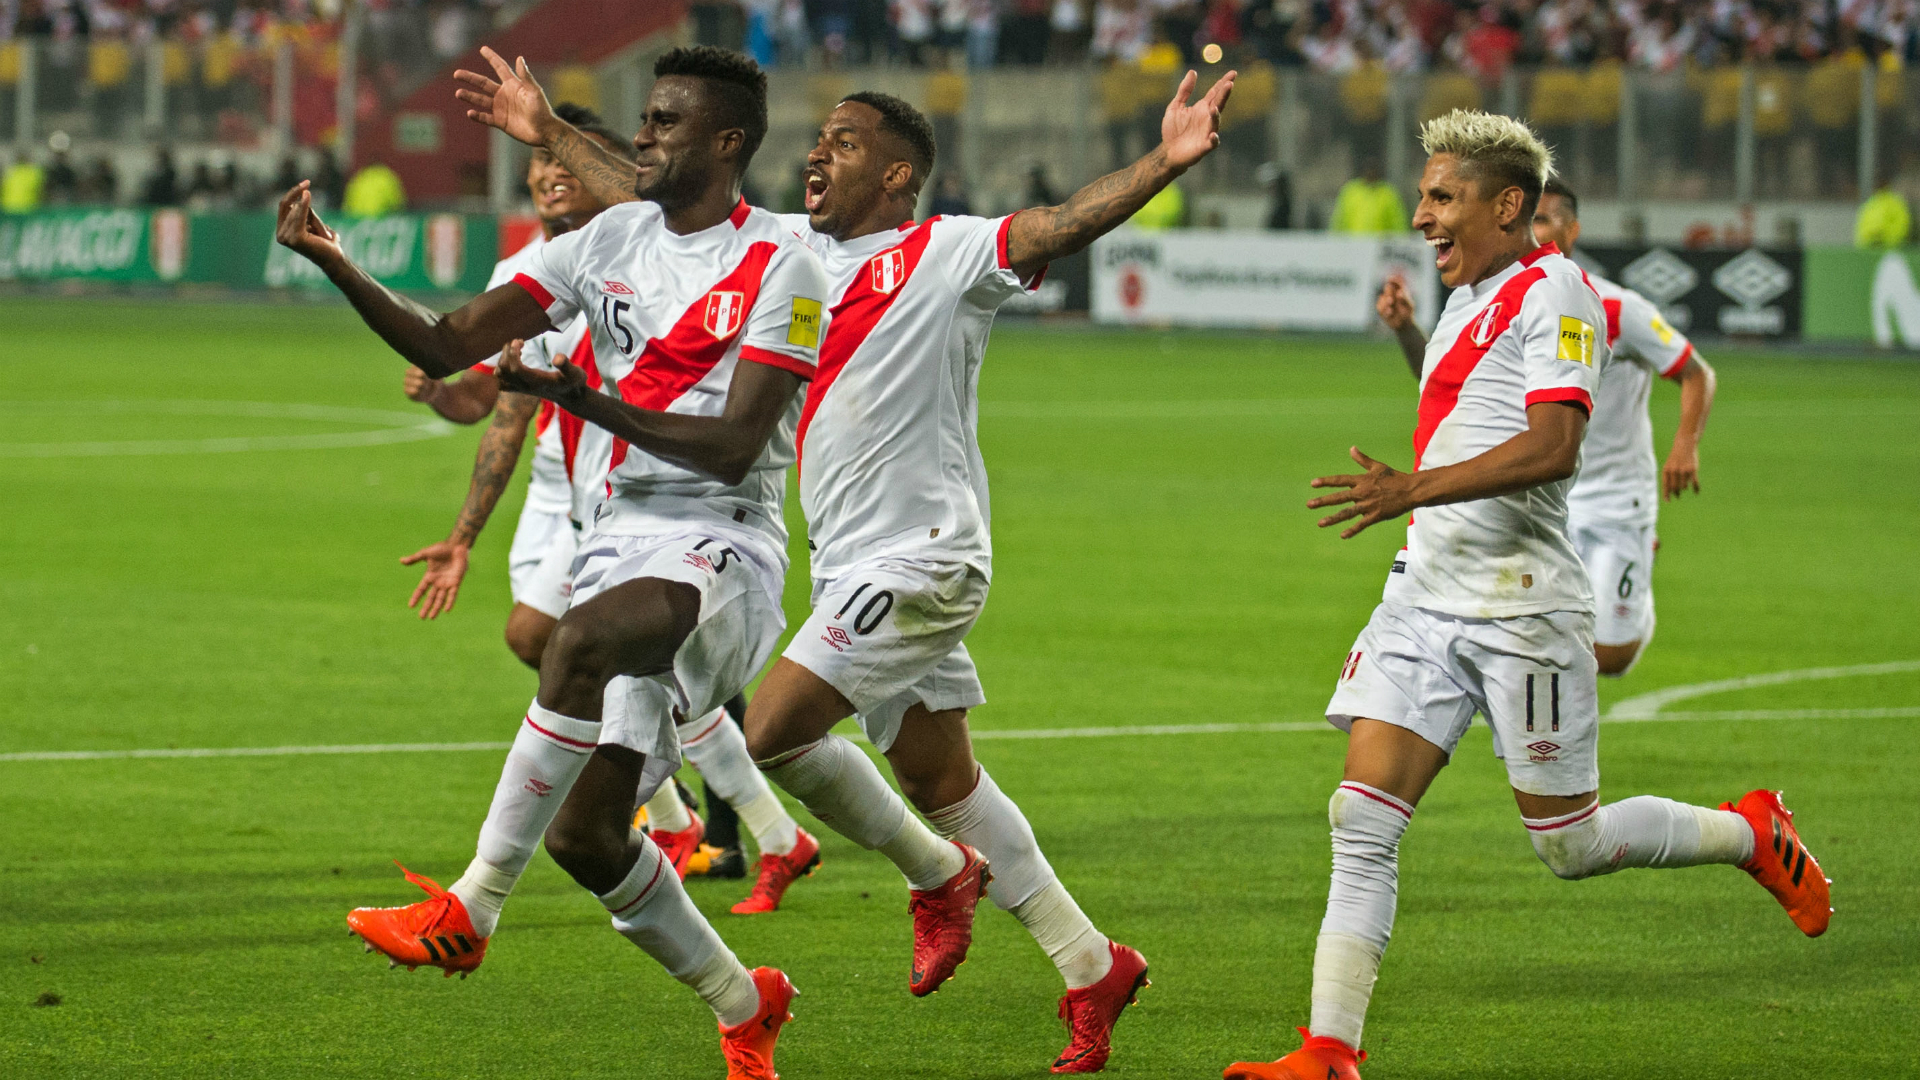 El último partido de Perú antes del Mundial podría ser ante Inglaterra